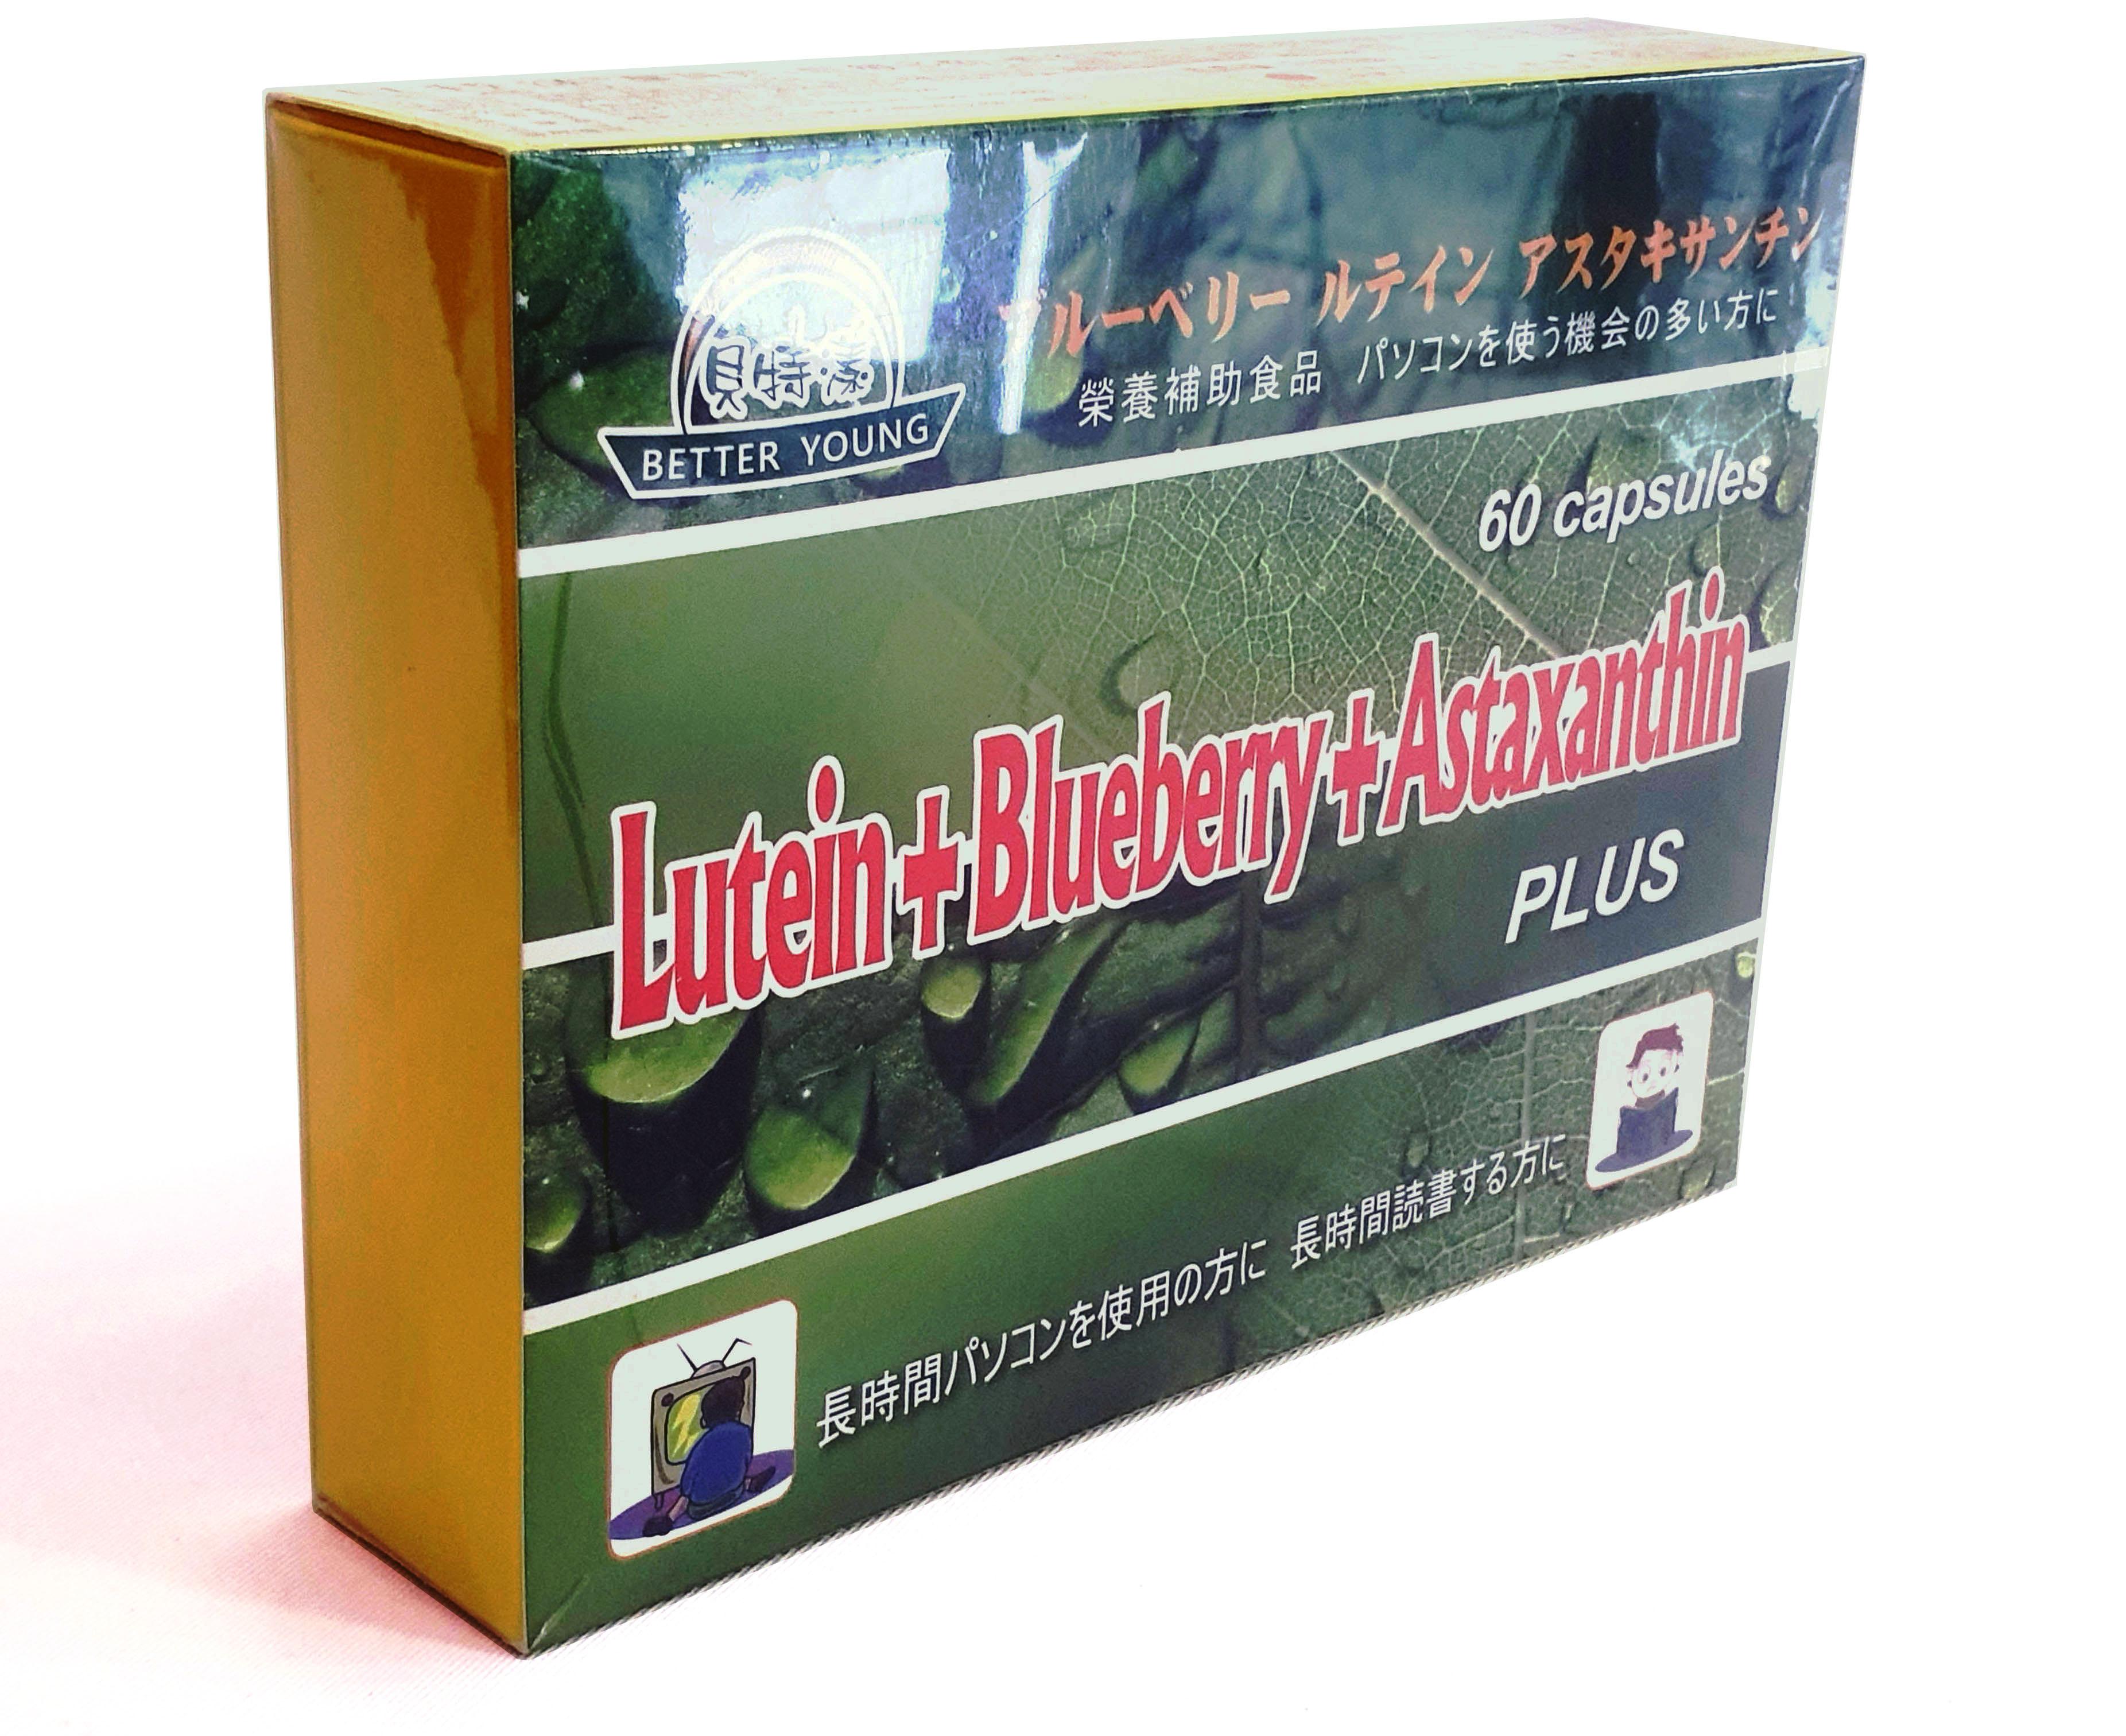 貝特漾 葉黃素 藍莓多酚 蝦紅素 PLUS晶亮鮮明軟膠囊 (日本進口)